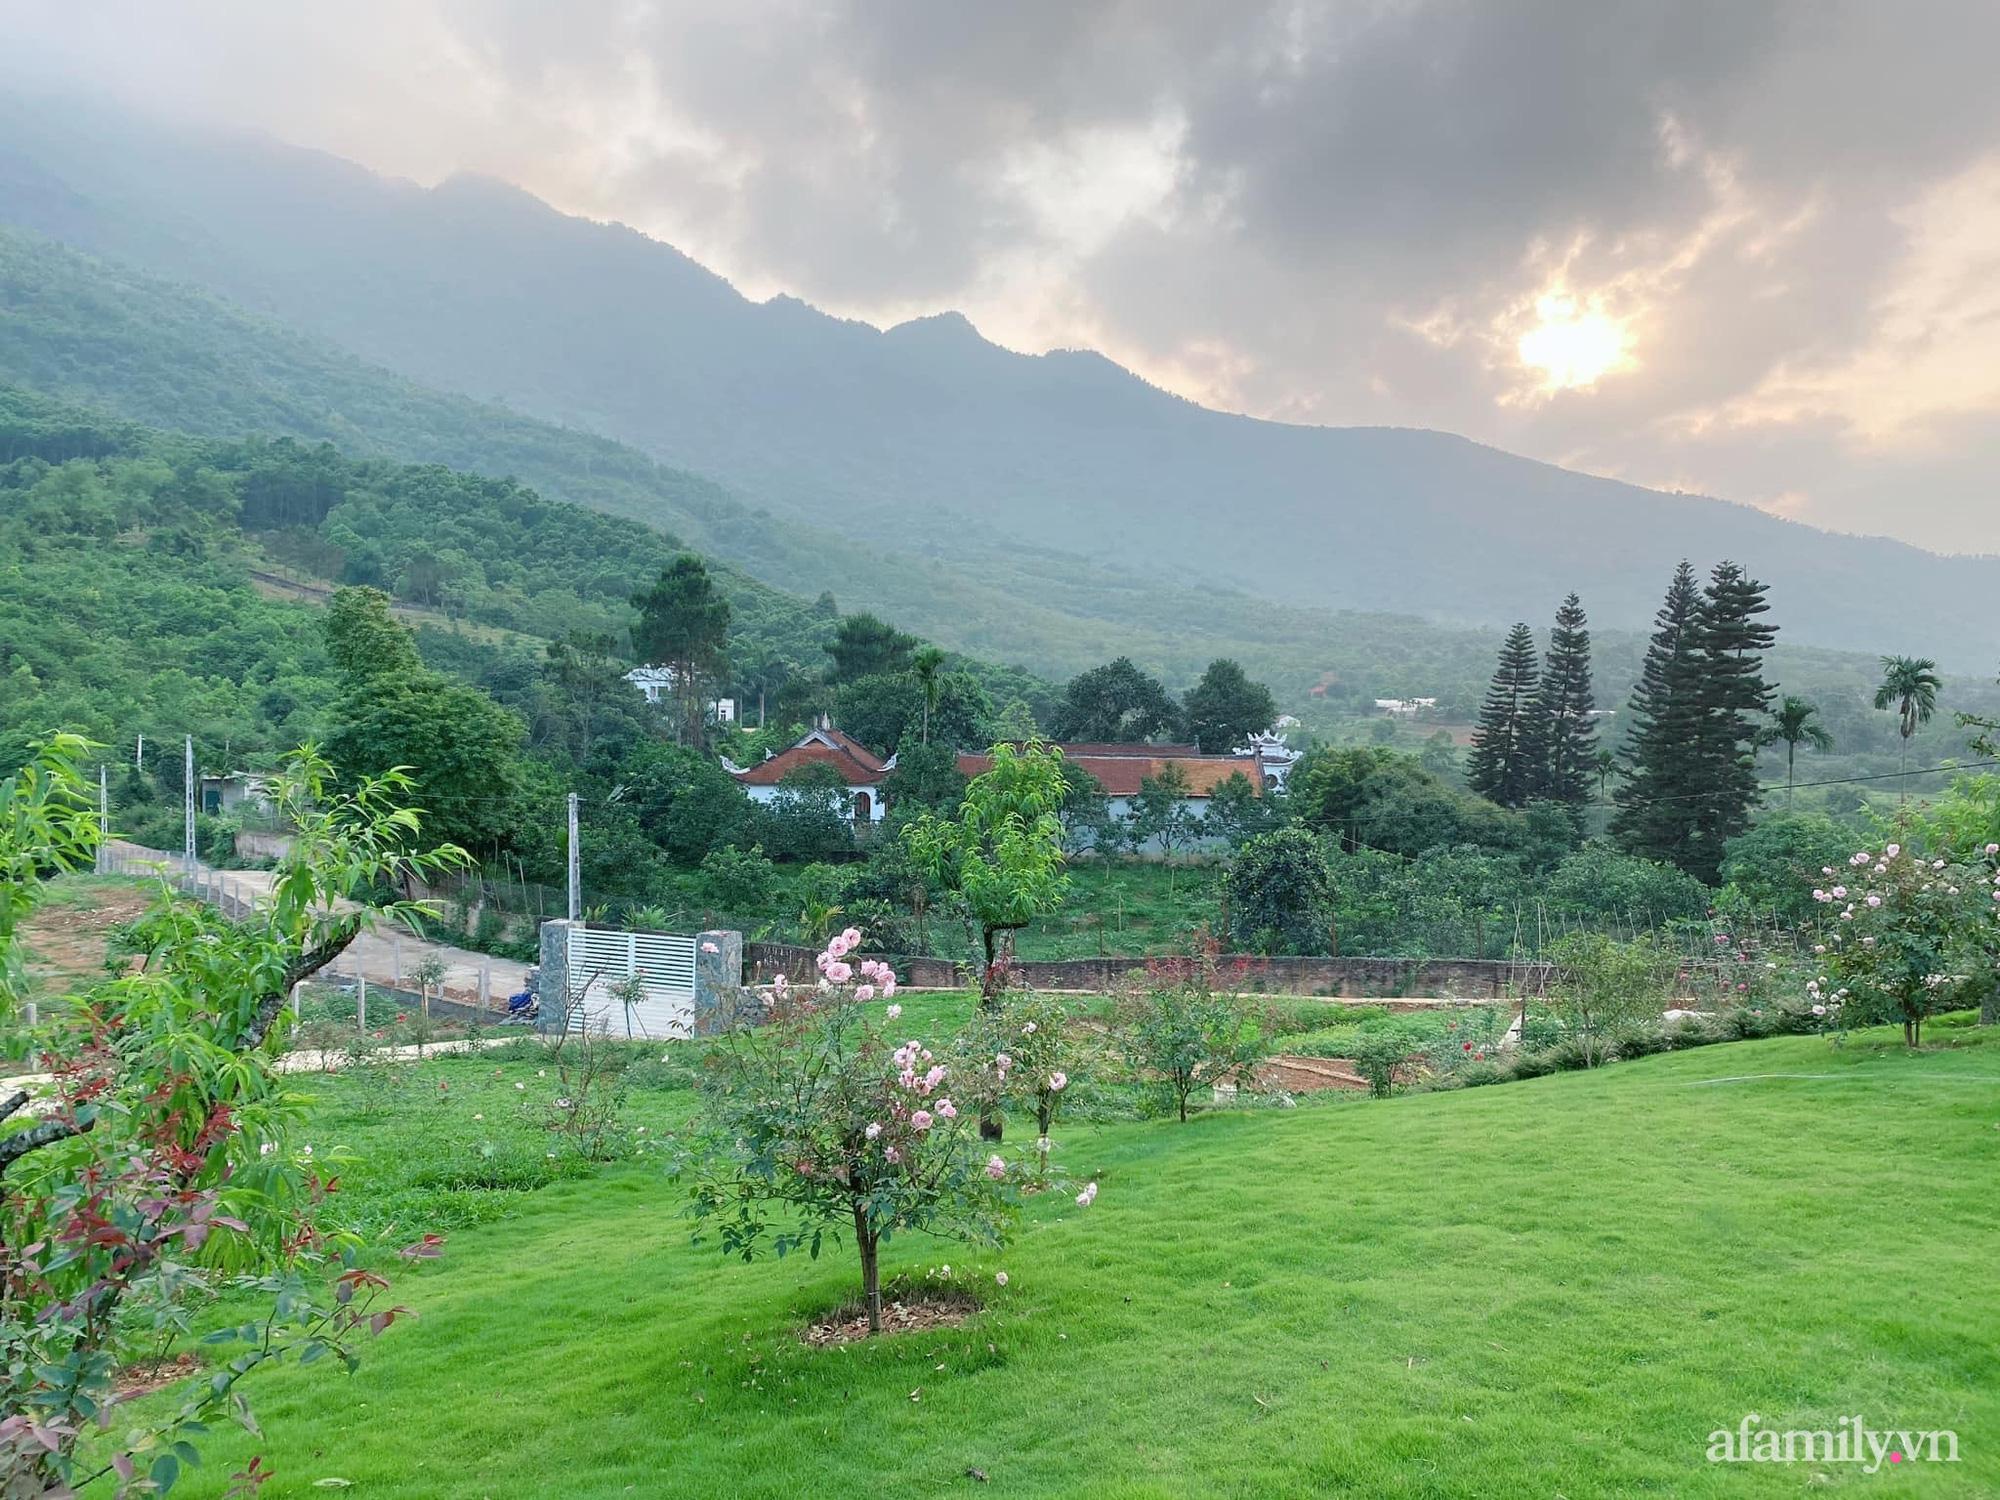 Căn nhà vườn trên núi đẹp an yên, tĩnh lặng với những xanh tươi đẹp đẽ ở ngoại thành Hà Nội - Ảnh 1.